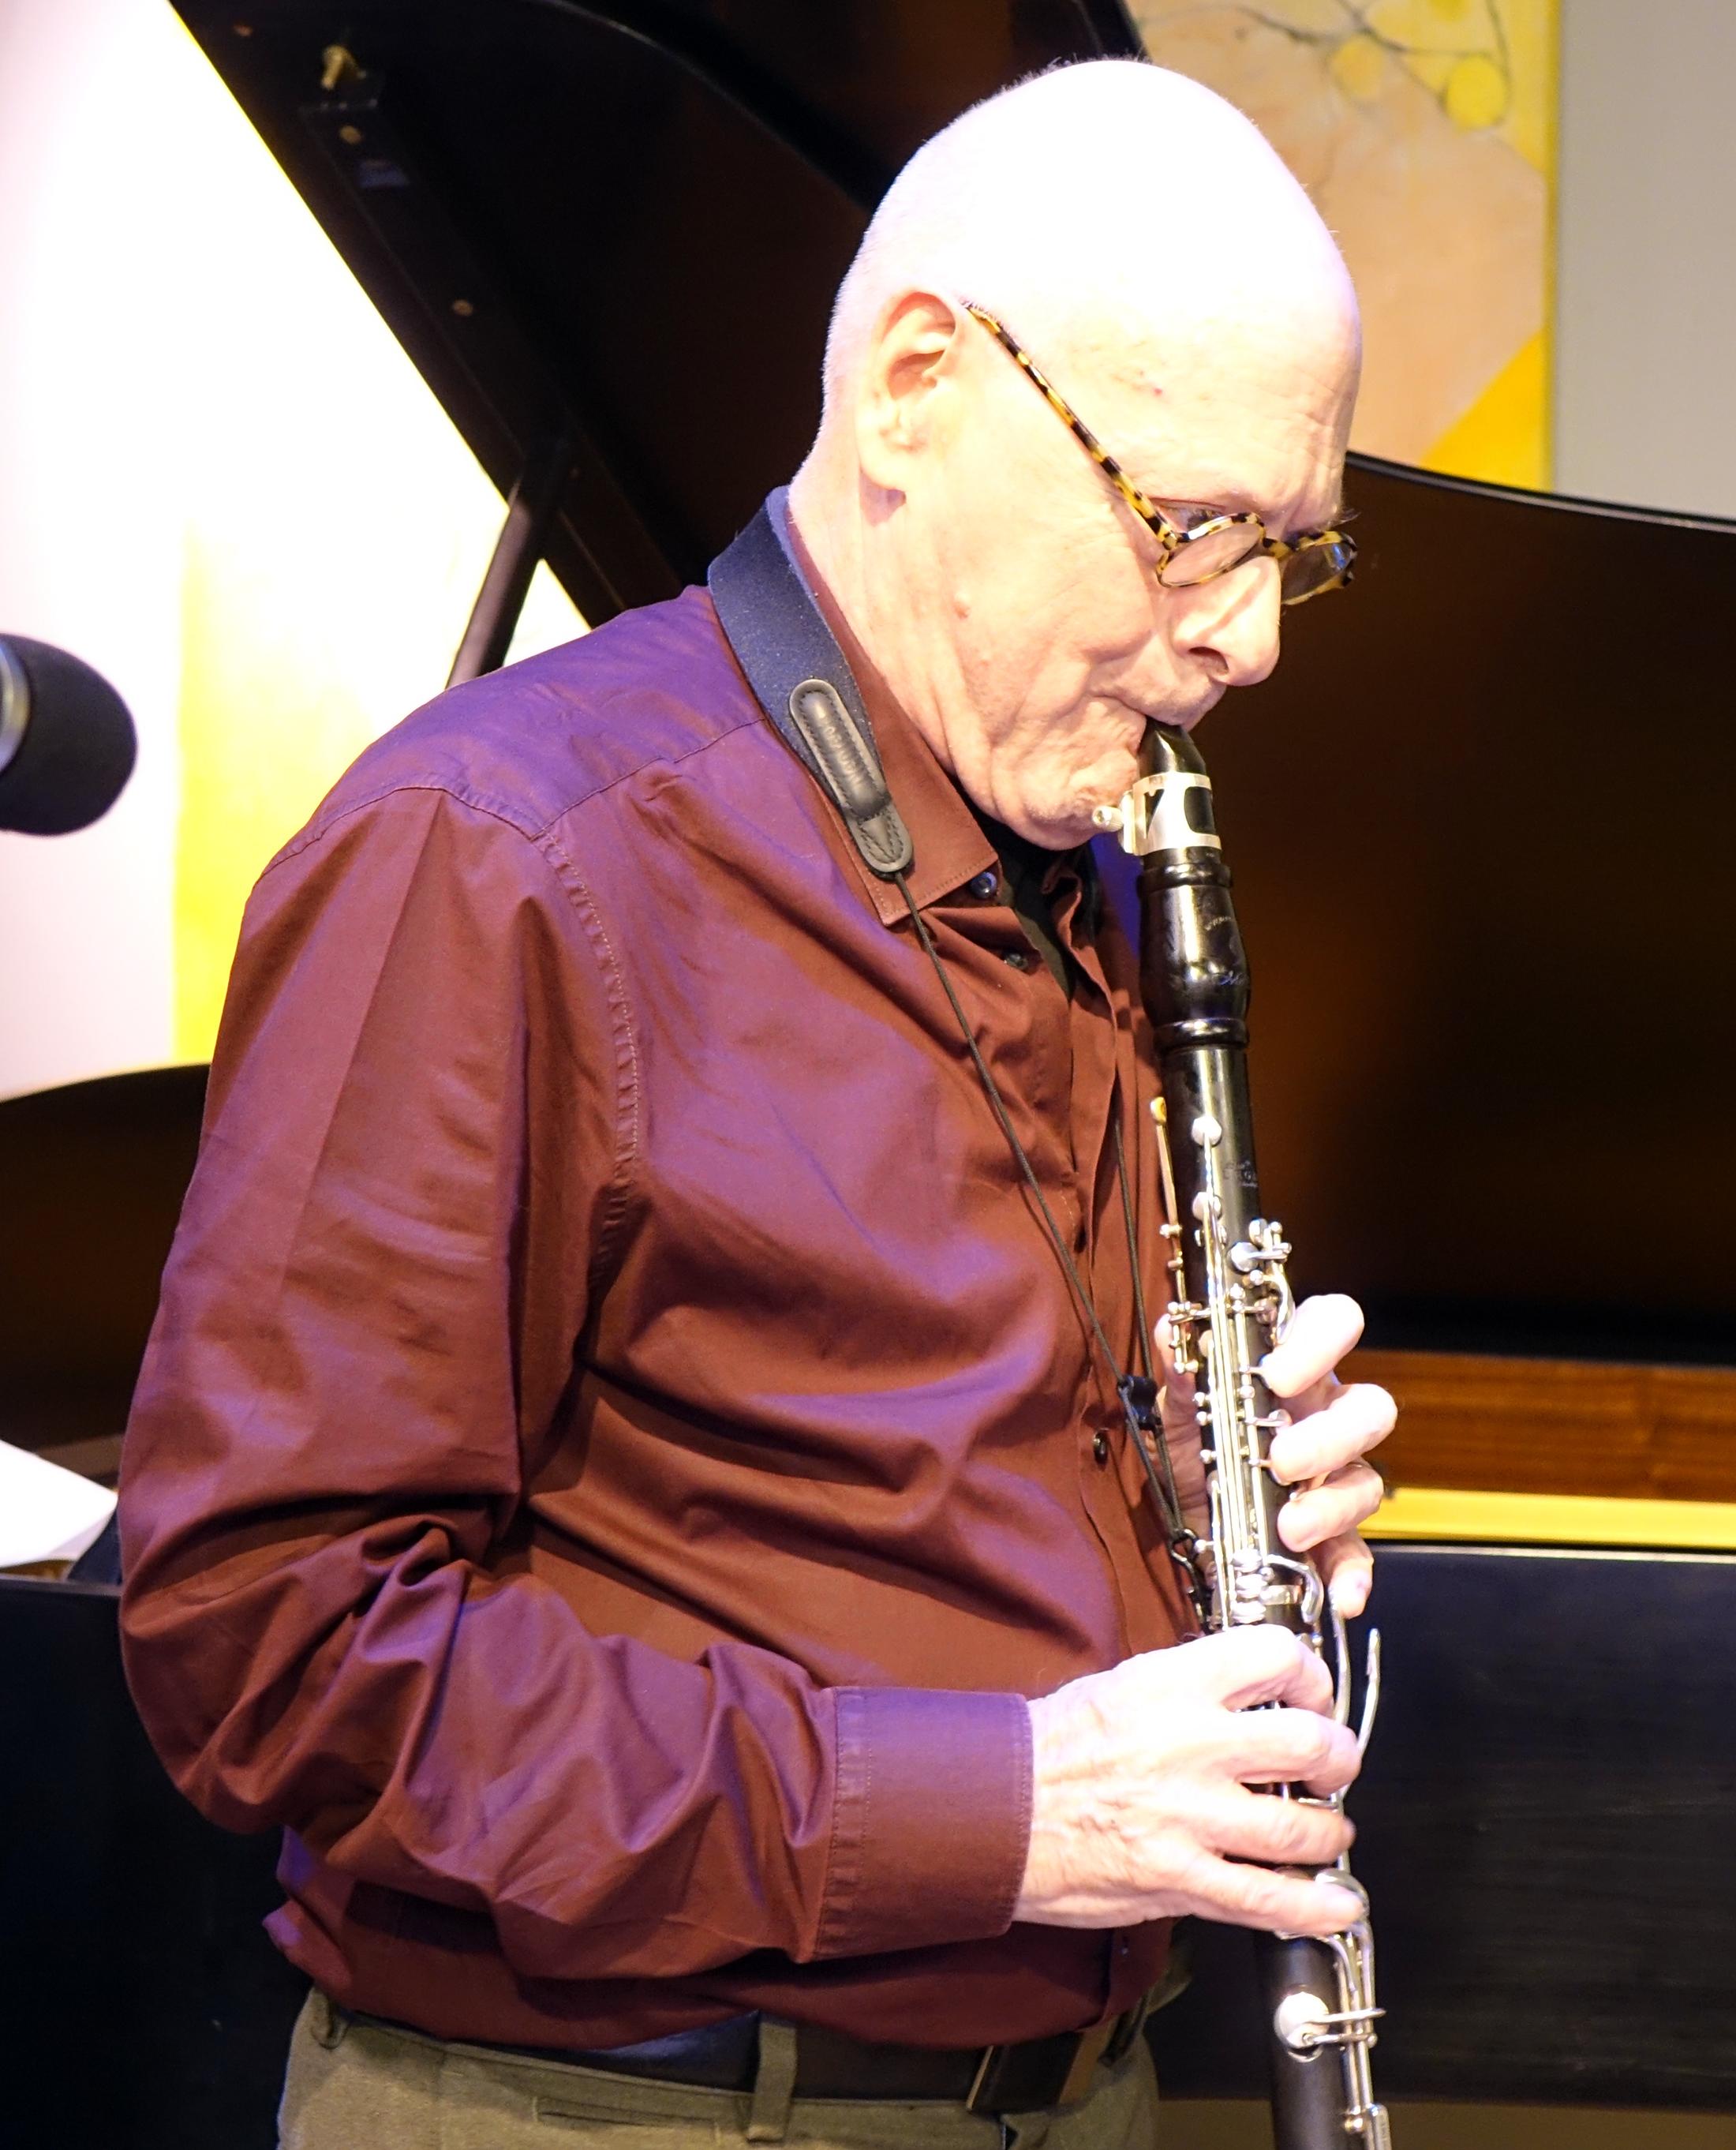 Guillermo Gregorio at Edgefest 2018